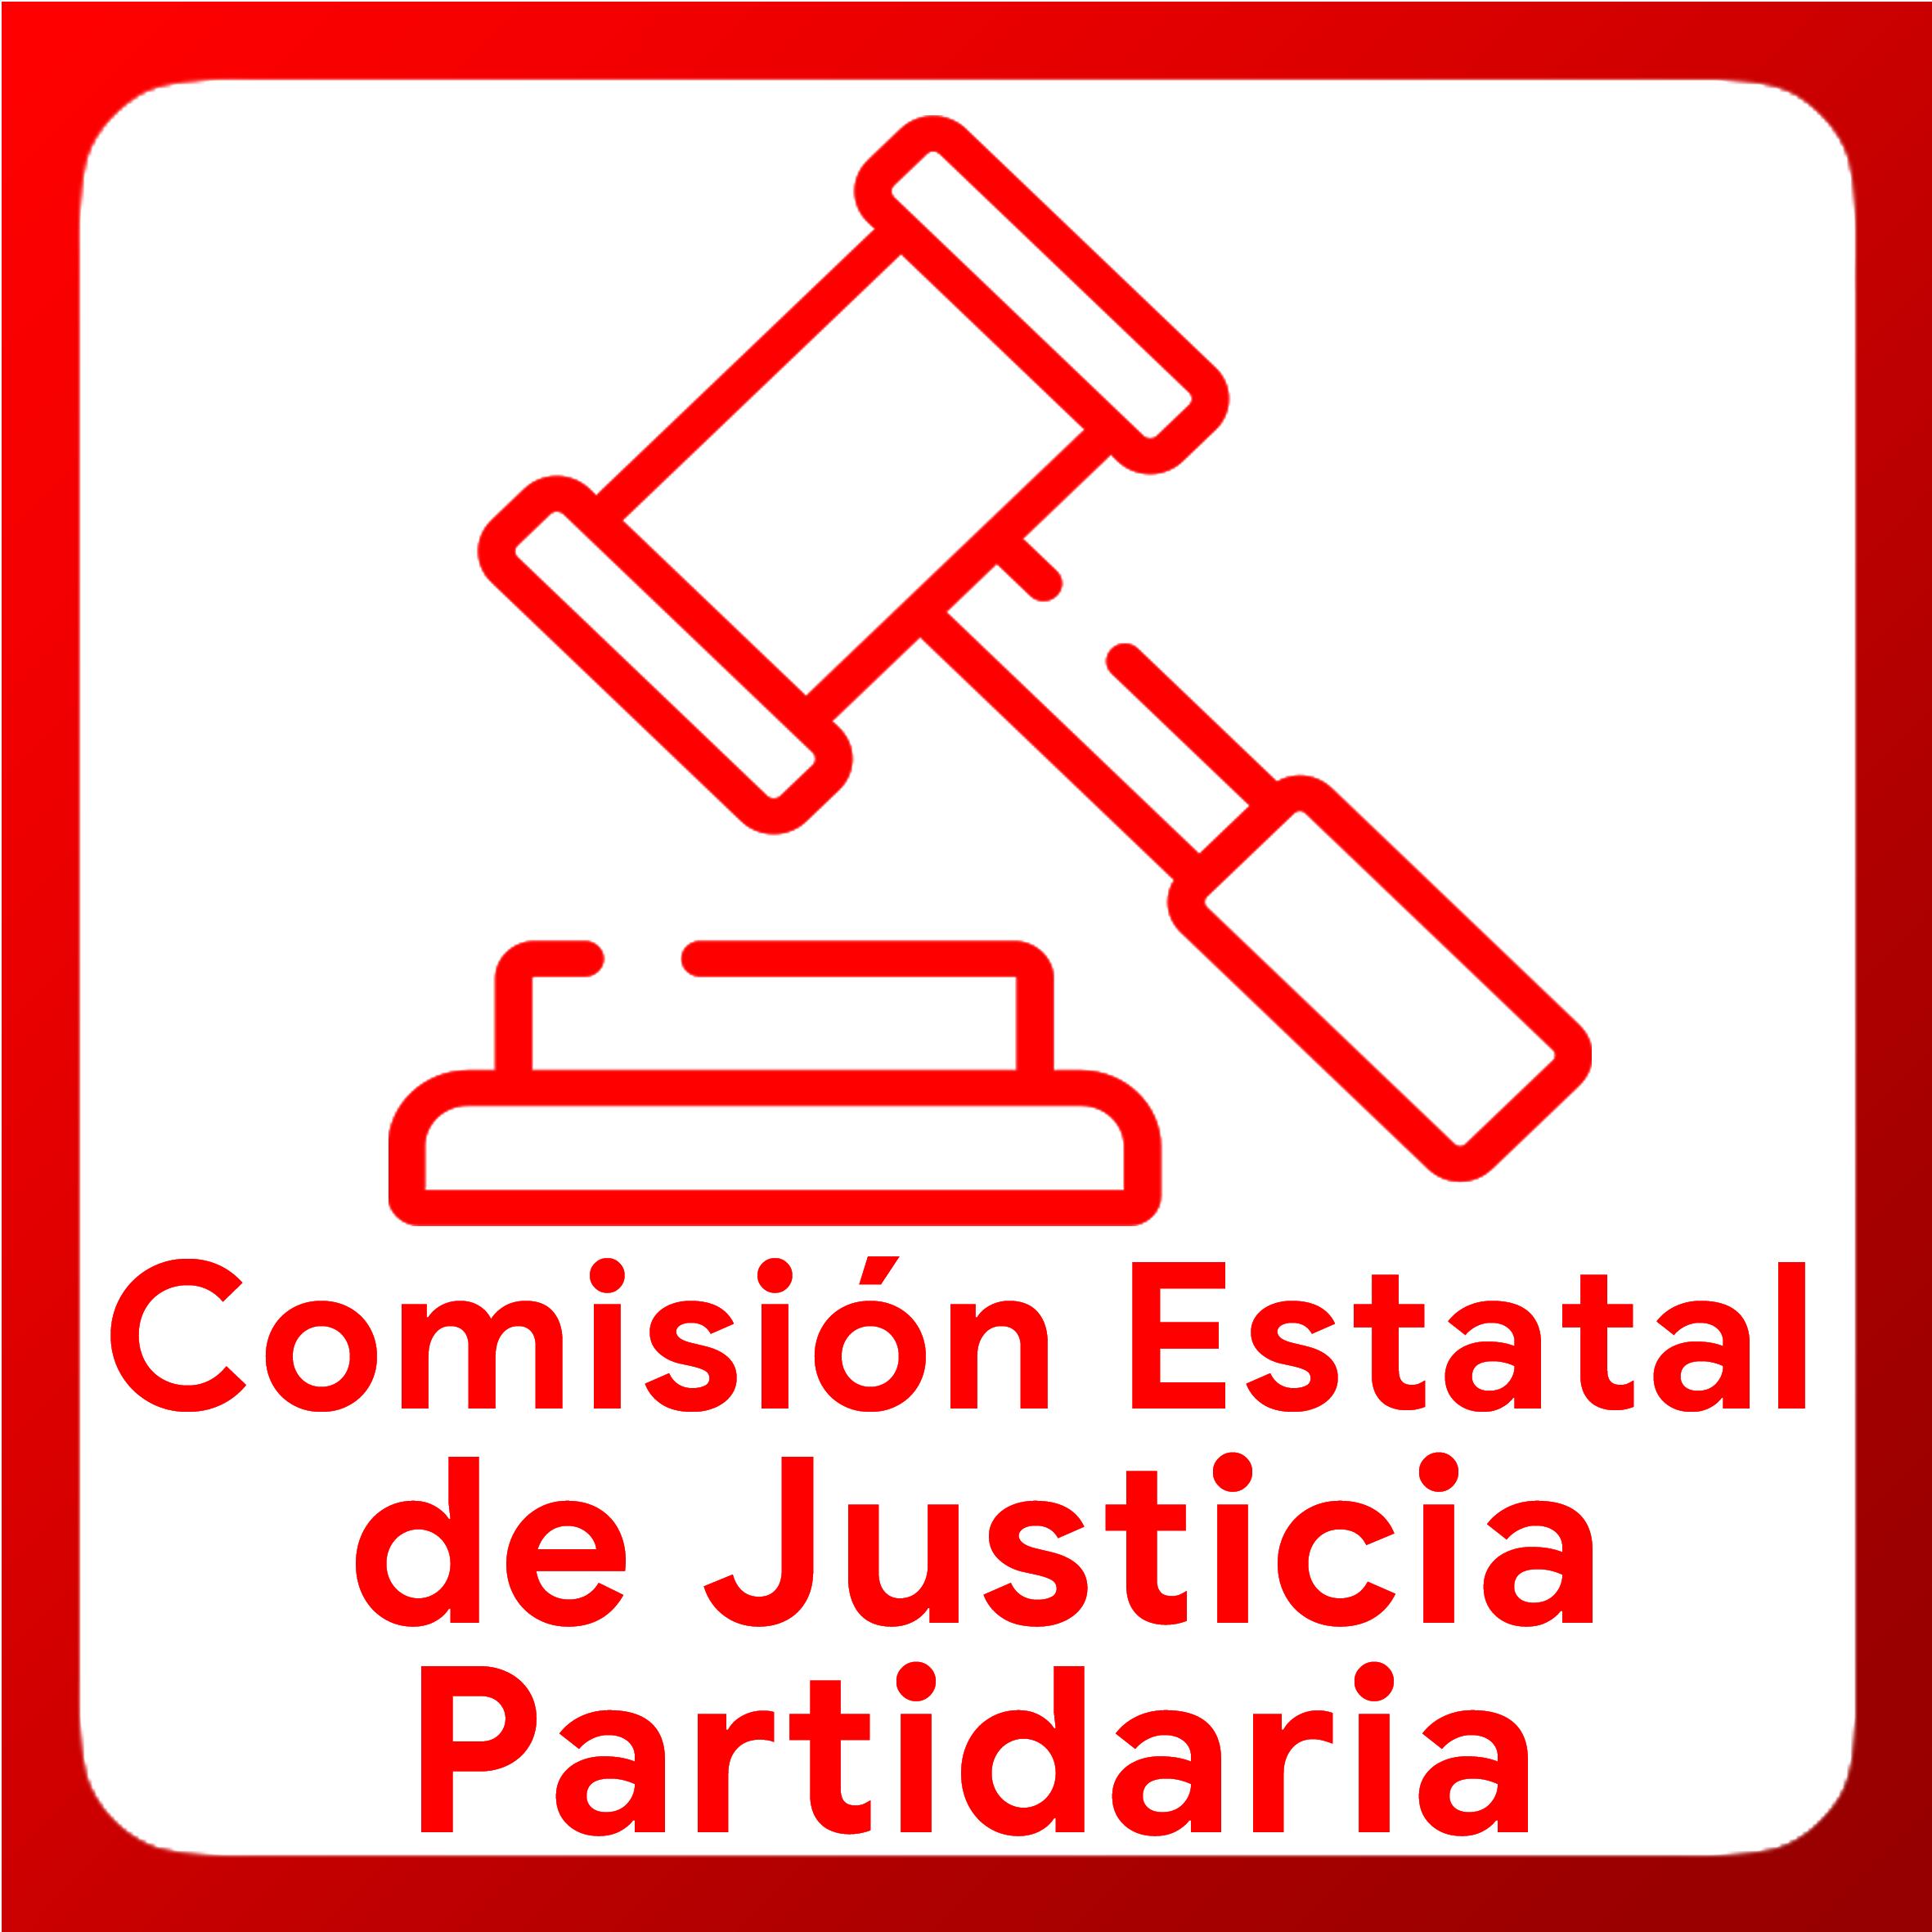 Boton activable de Comision Estatal de Justicia Partidaria